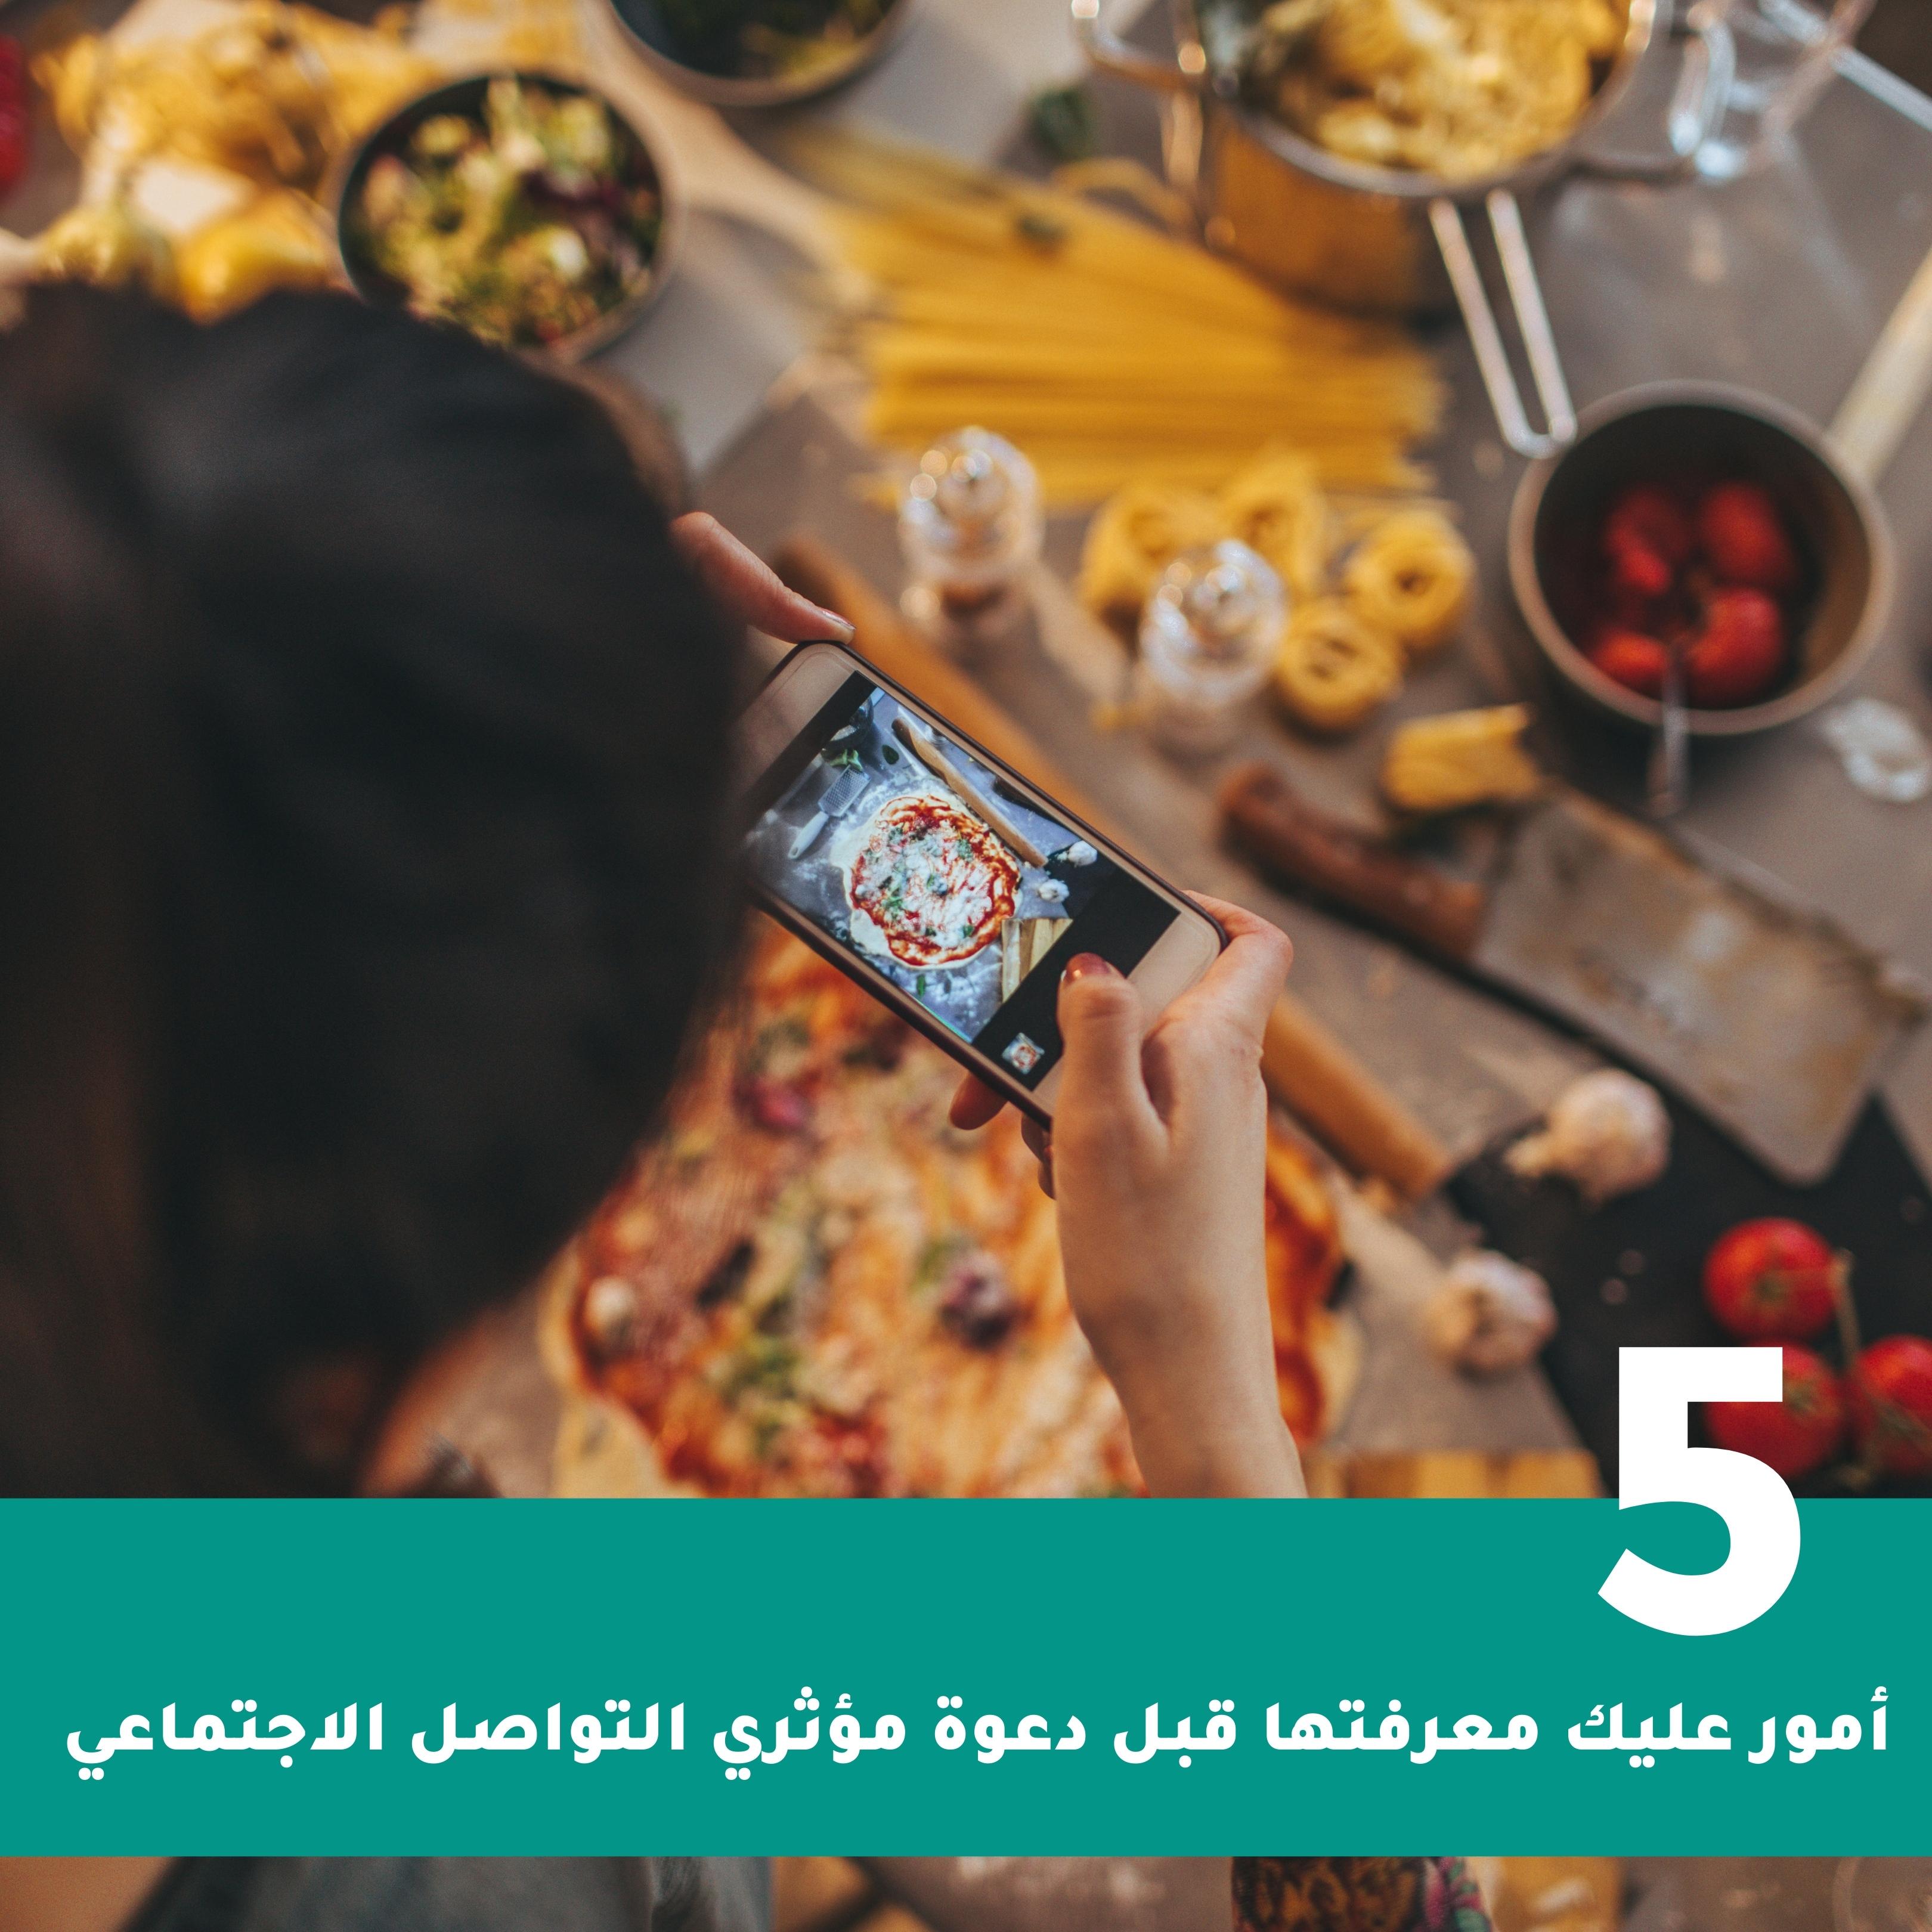 خمسة أمور قبل أن تسوق لمطعمك عن طريق المشاهير